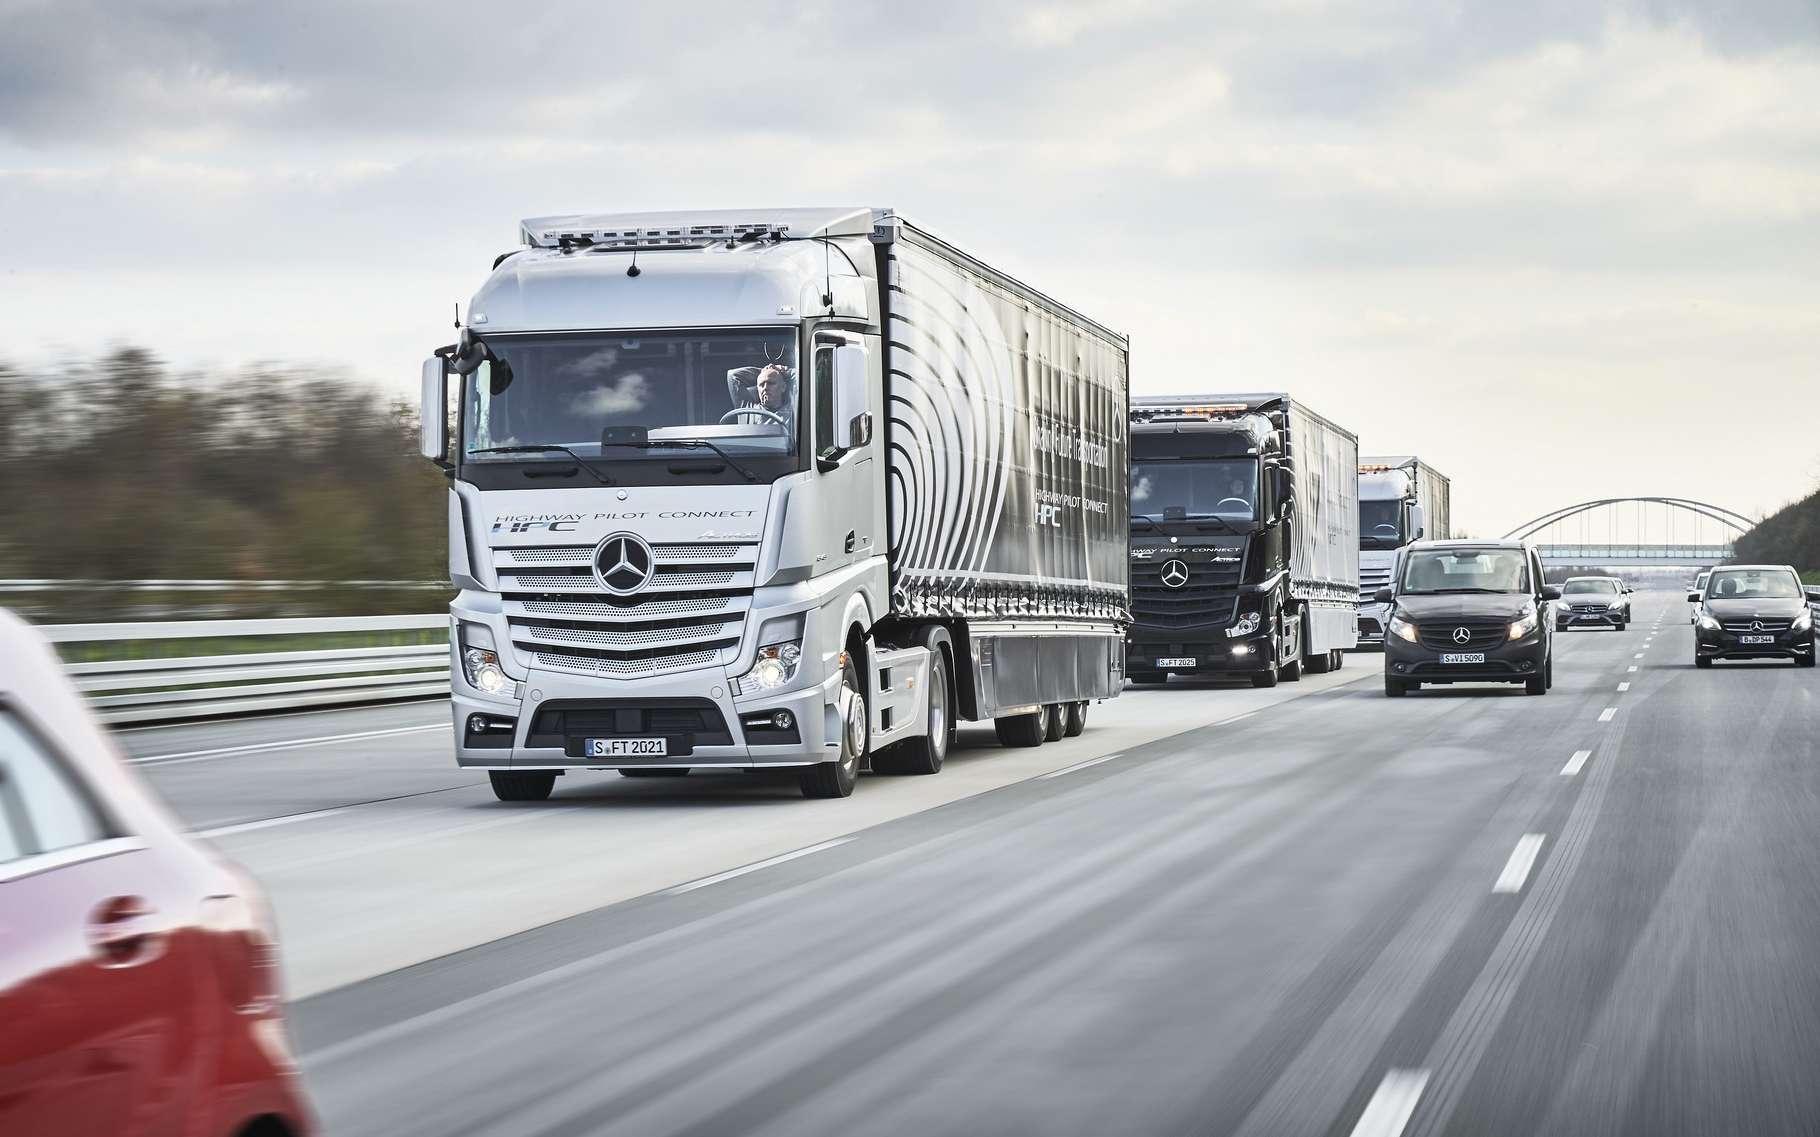 Daimler Trucks, filiale du constructeur allemand Mercedes-Benz, faisait partie des six marques de poids lourds participant à ce concours européen. © Daimler Trucks